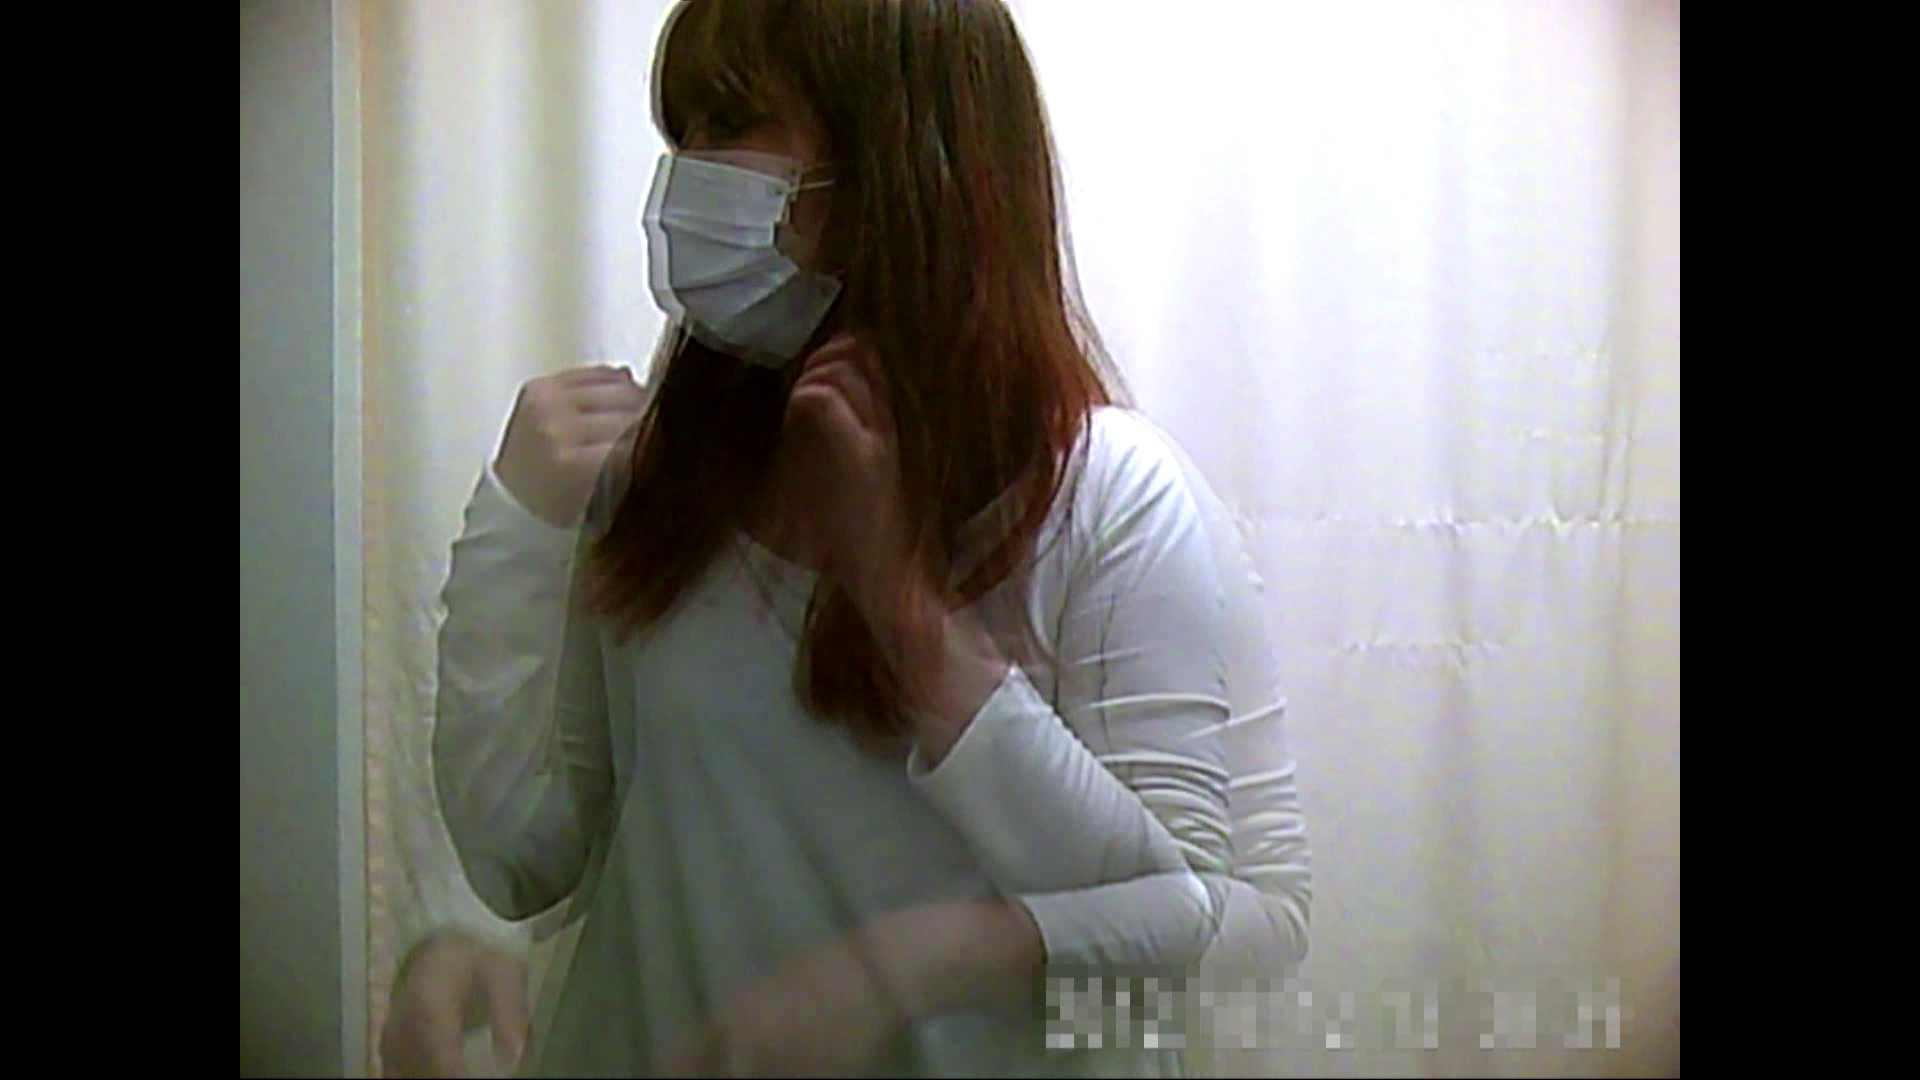 元医者による反抗 更衣室地獄絵巻 vol.061 OLハメ撮り  91Pix 79